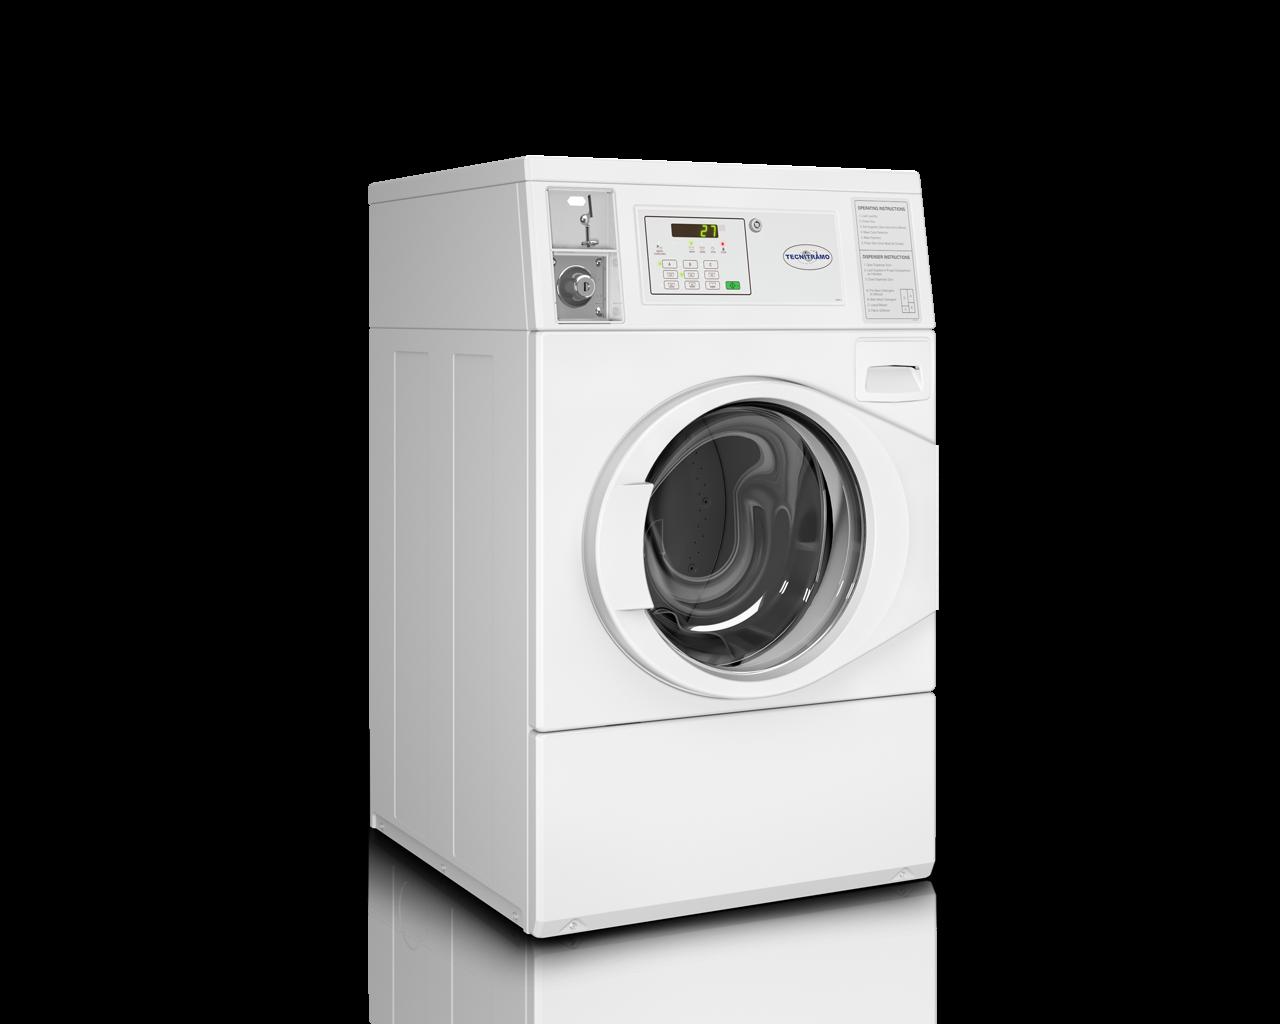 Lavadora y secadora en columna lavadora secadora - Lavadora y secadora en columna ...